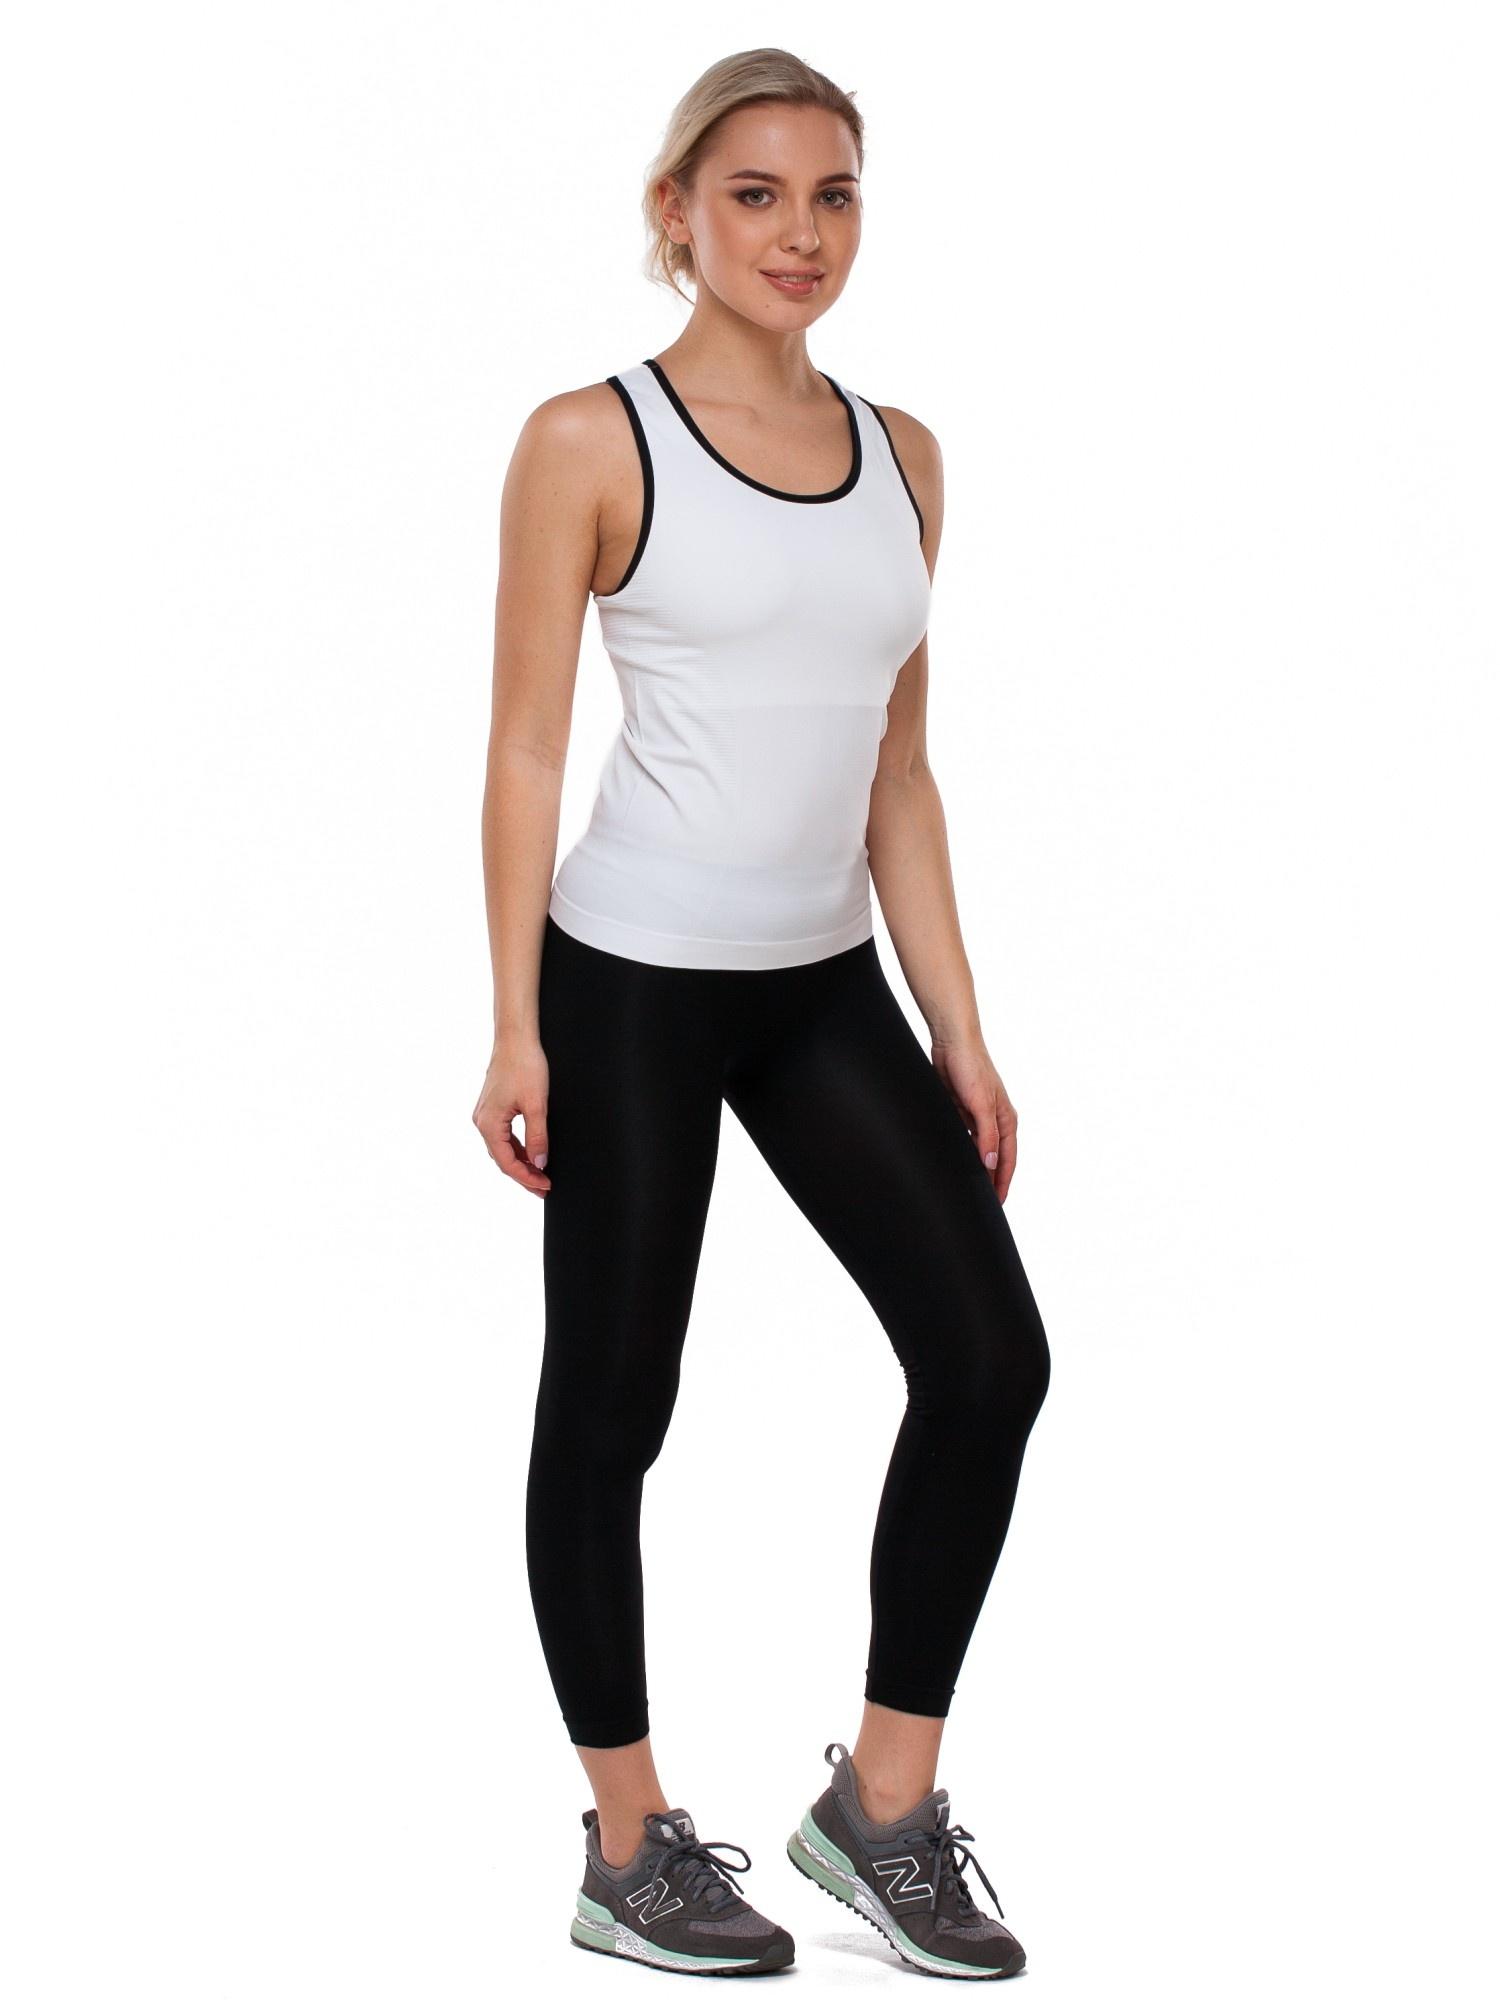 Бриджи/капри MORERA 54104M BLACK (S), черный 42 размер54104M BLACK (S)Спортивные бриджи для занятия спортом, фитнеса, бега, йоги и т.д.